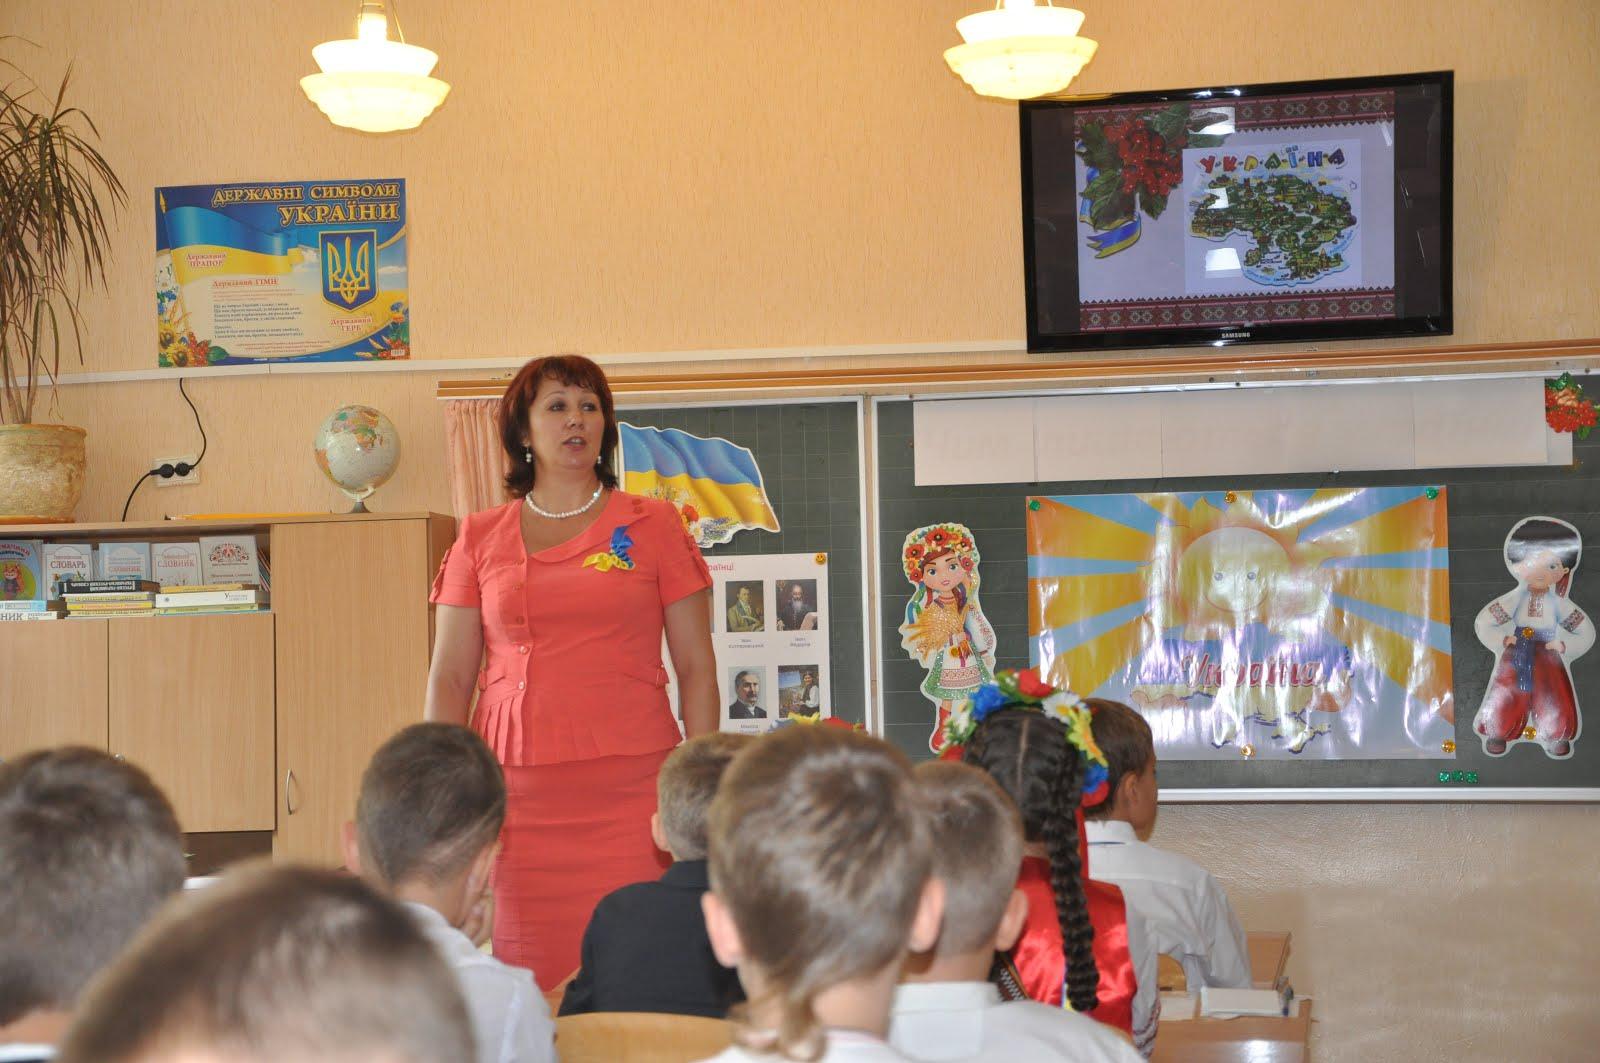 Чим пишаються українці?